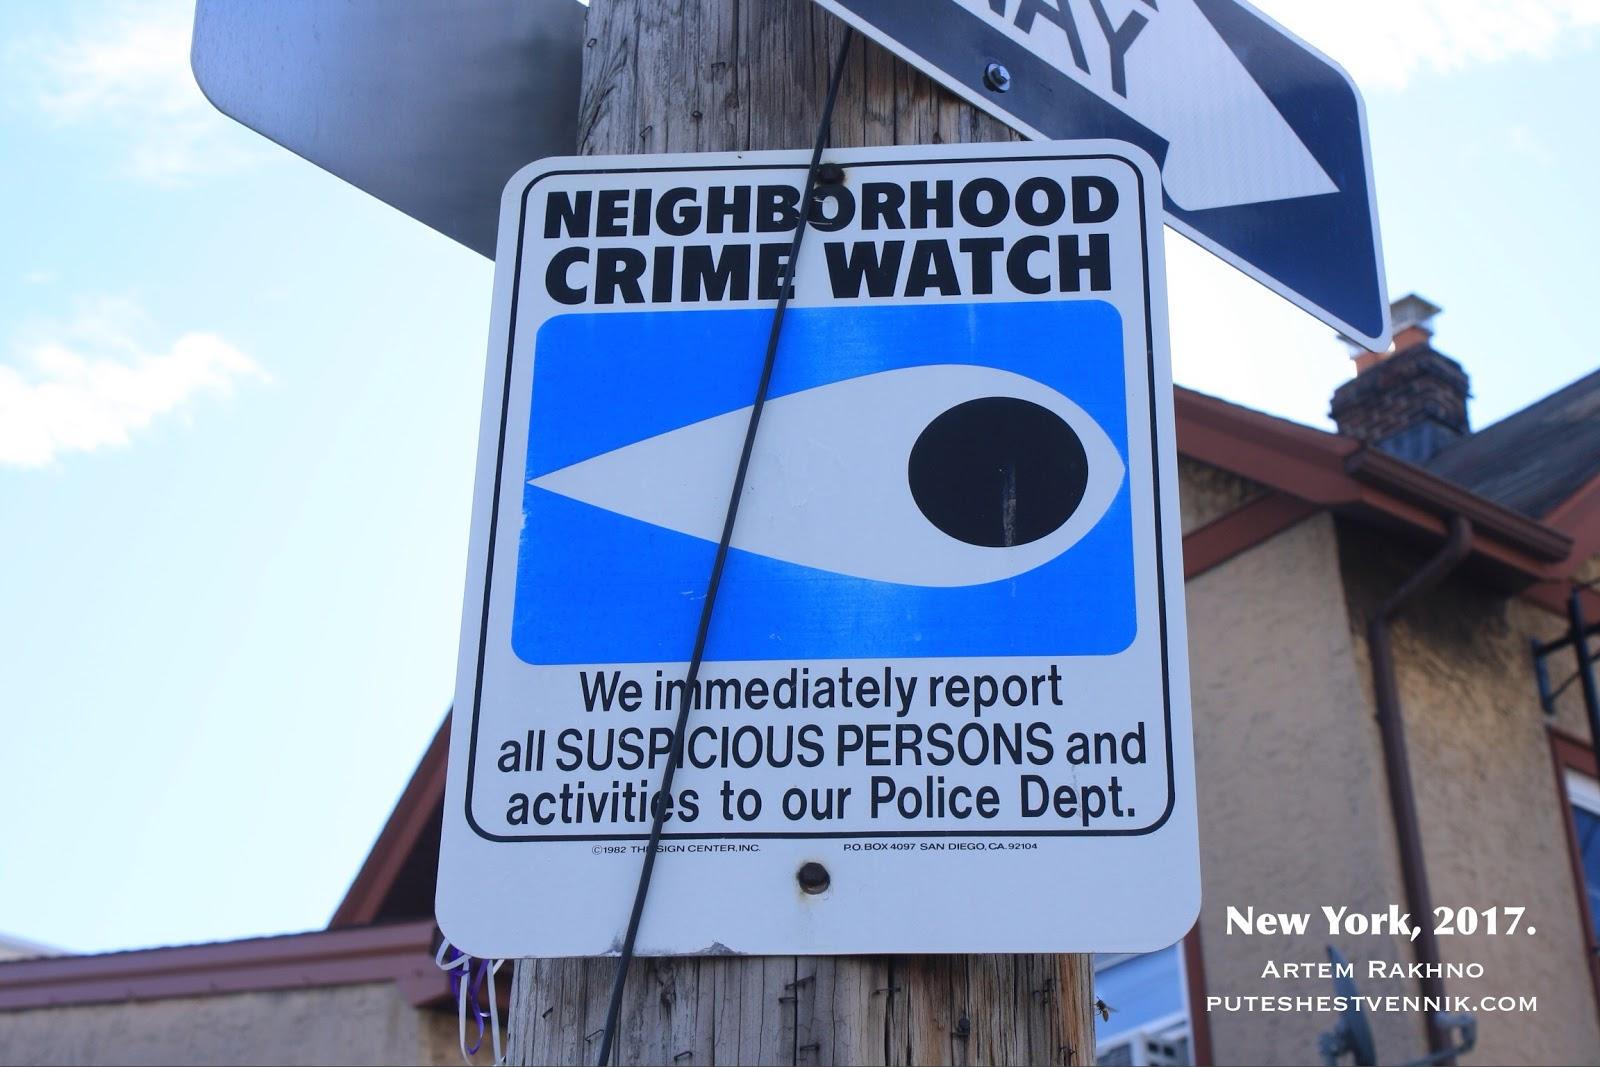 Знак о призыве к бдительности в Нью-Рошелл